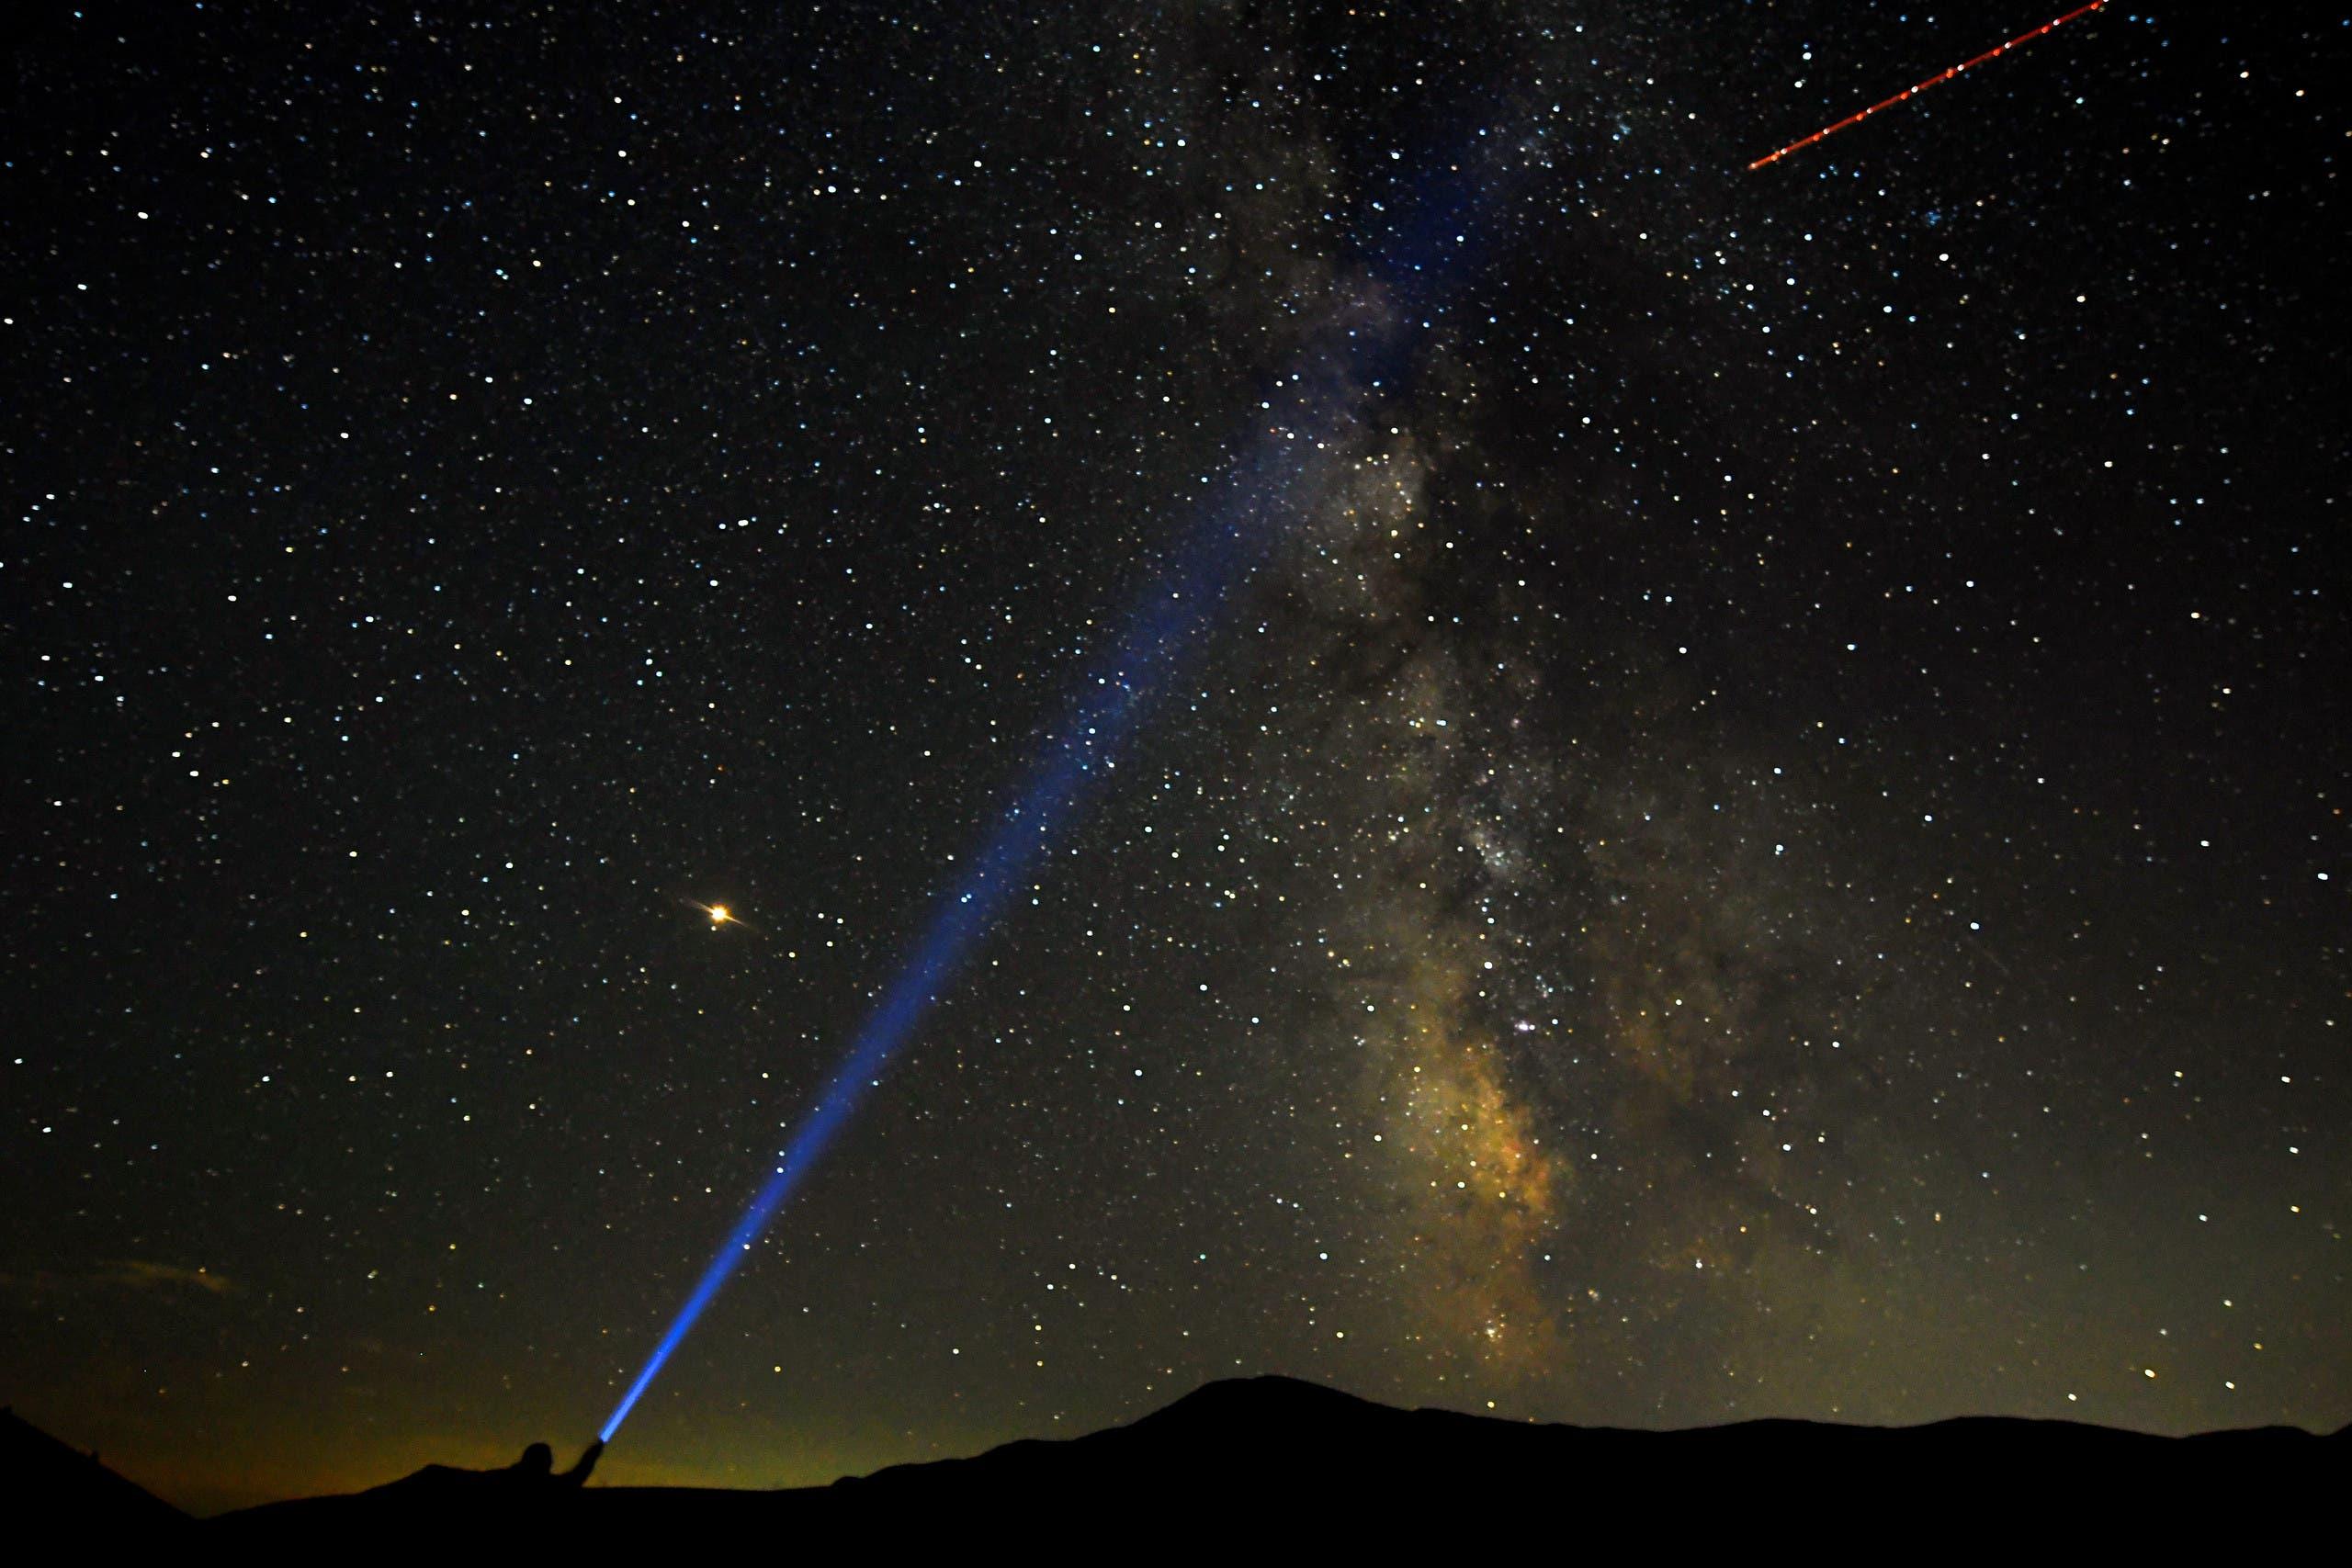 رجل يشير بضوء إلى درب التبانة في سماء مقدونيا في صيف 2018